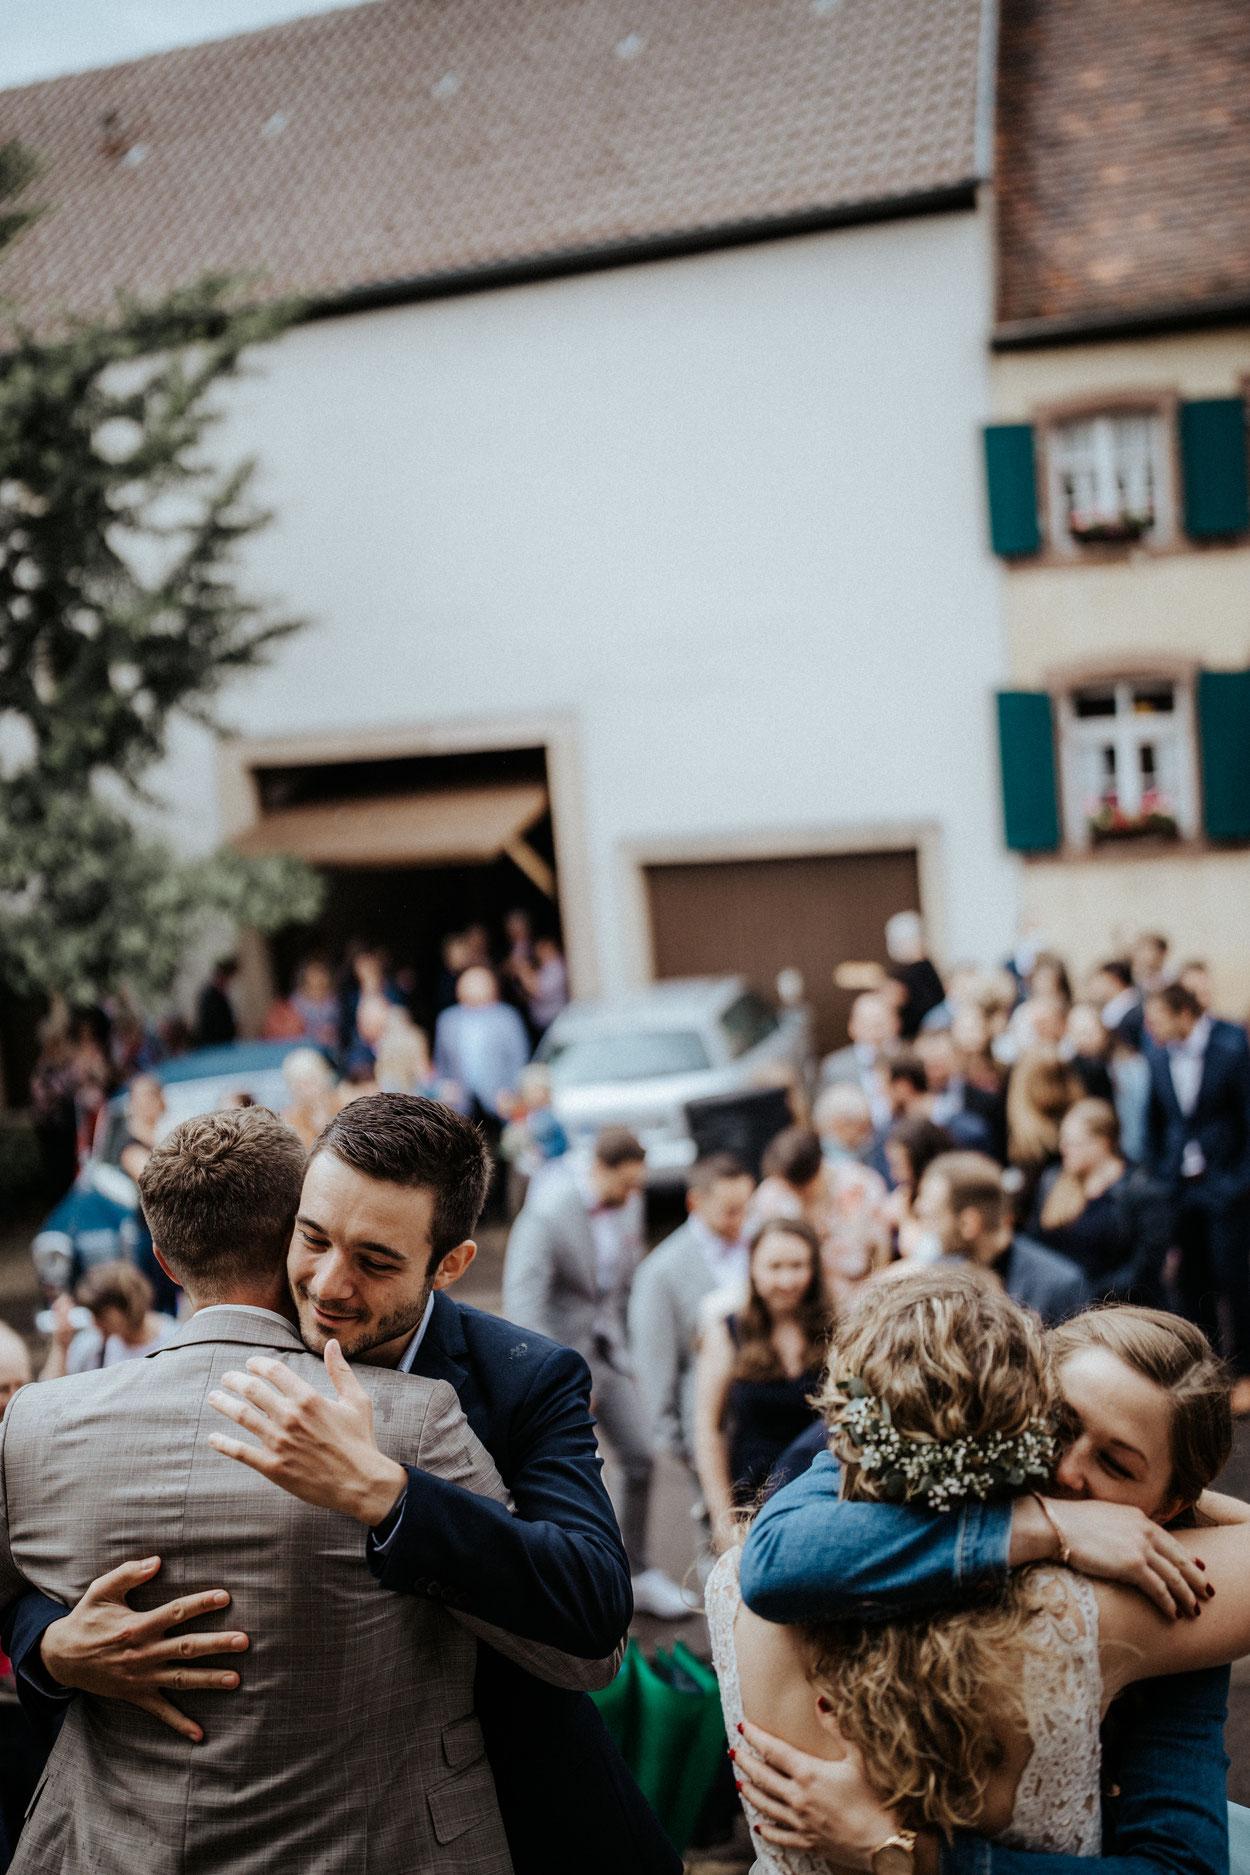 Hochzeitsfotograf Saarland - Fotograf Kai Kreutzer 92 Saarbrücken, Saarlouis, Merzig, St. Wendel